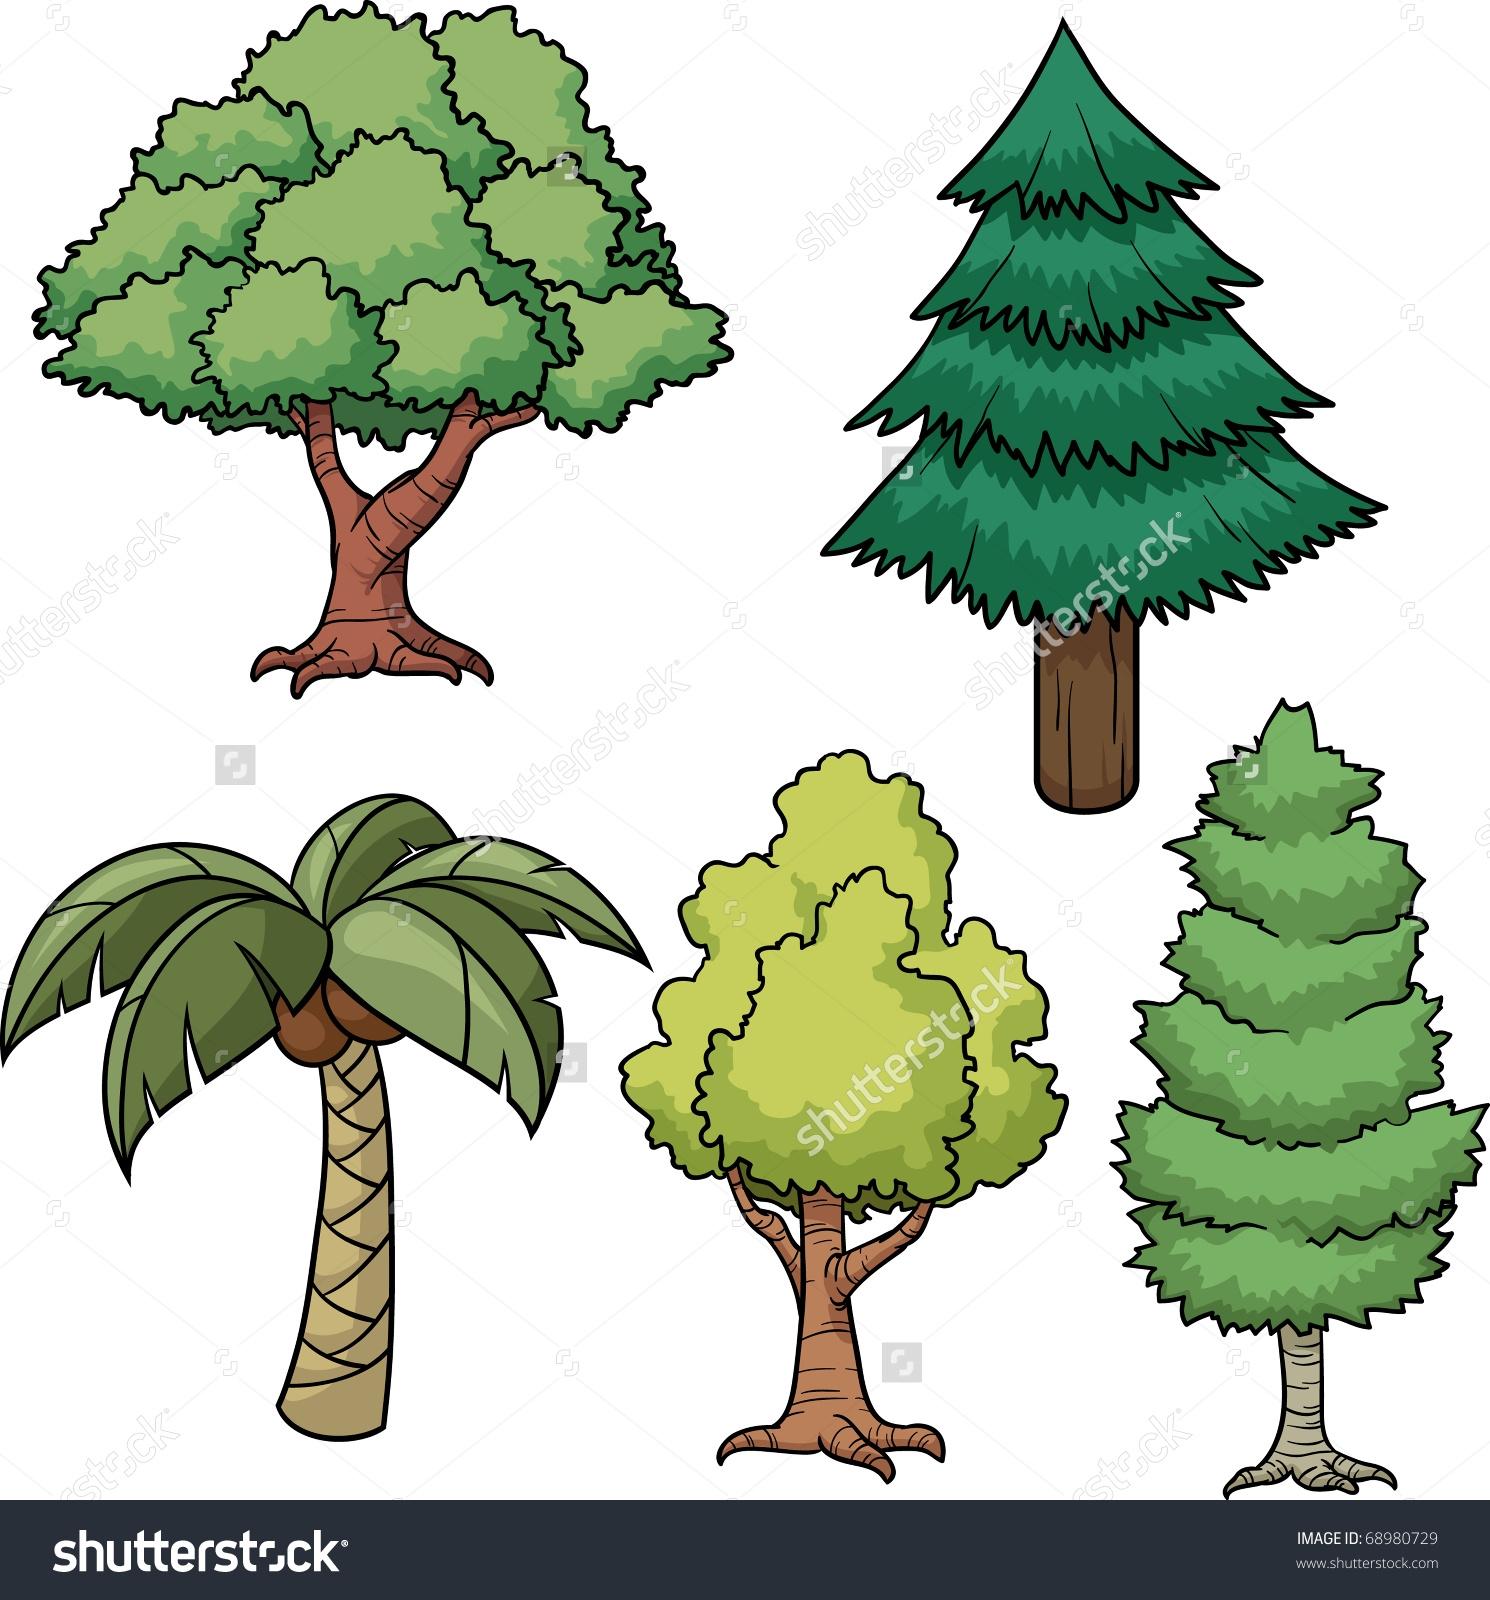 Easy Tree Clipart.